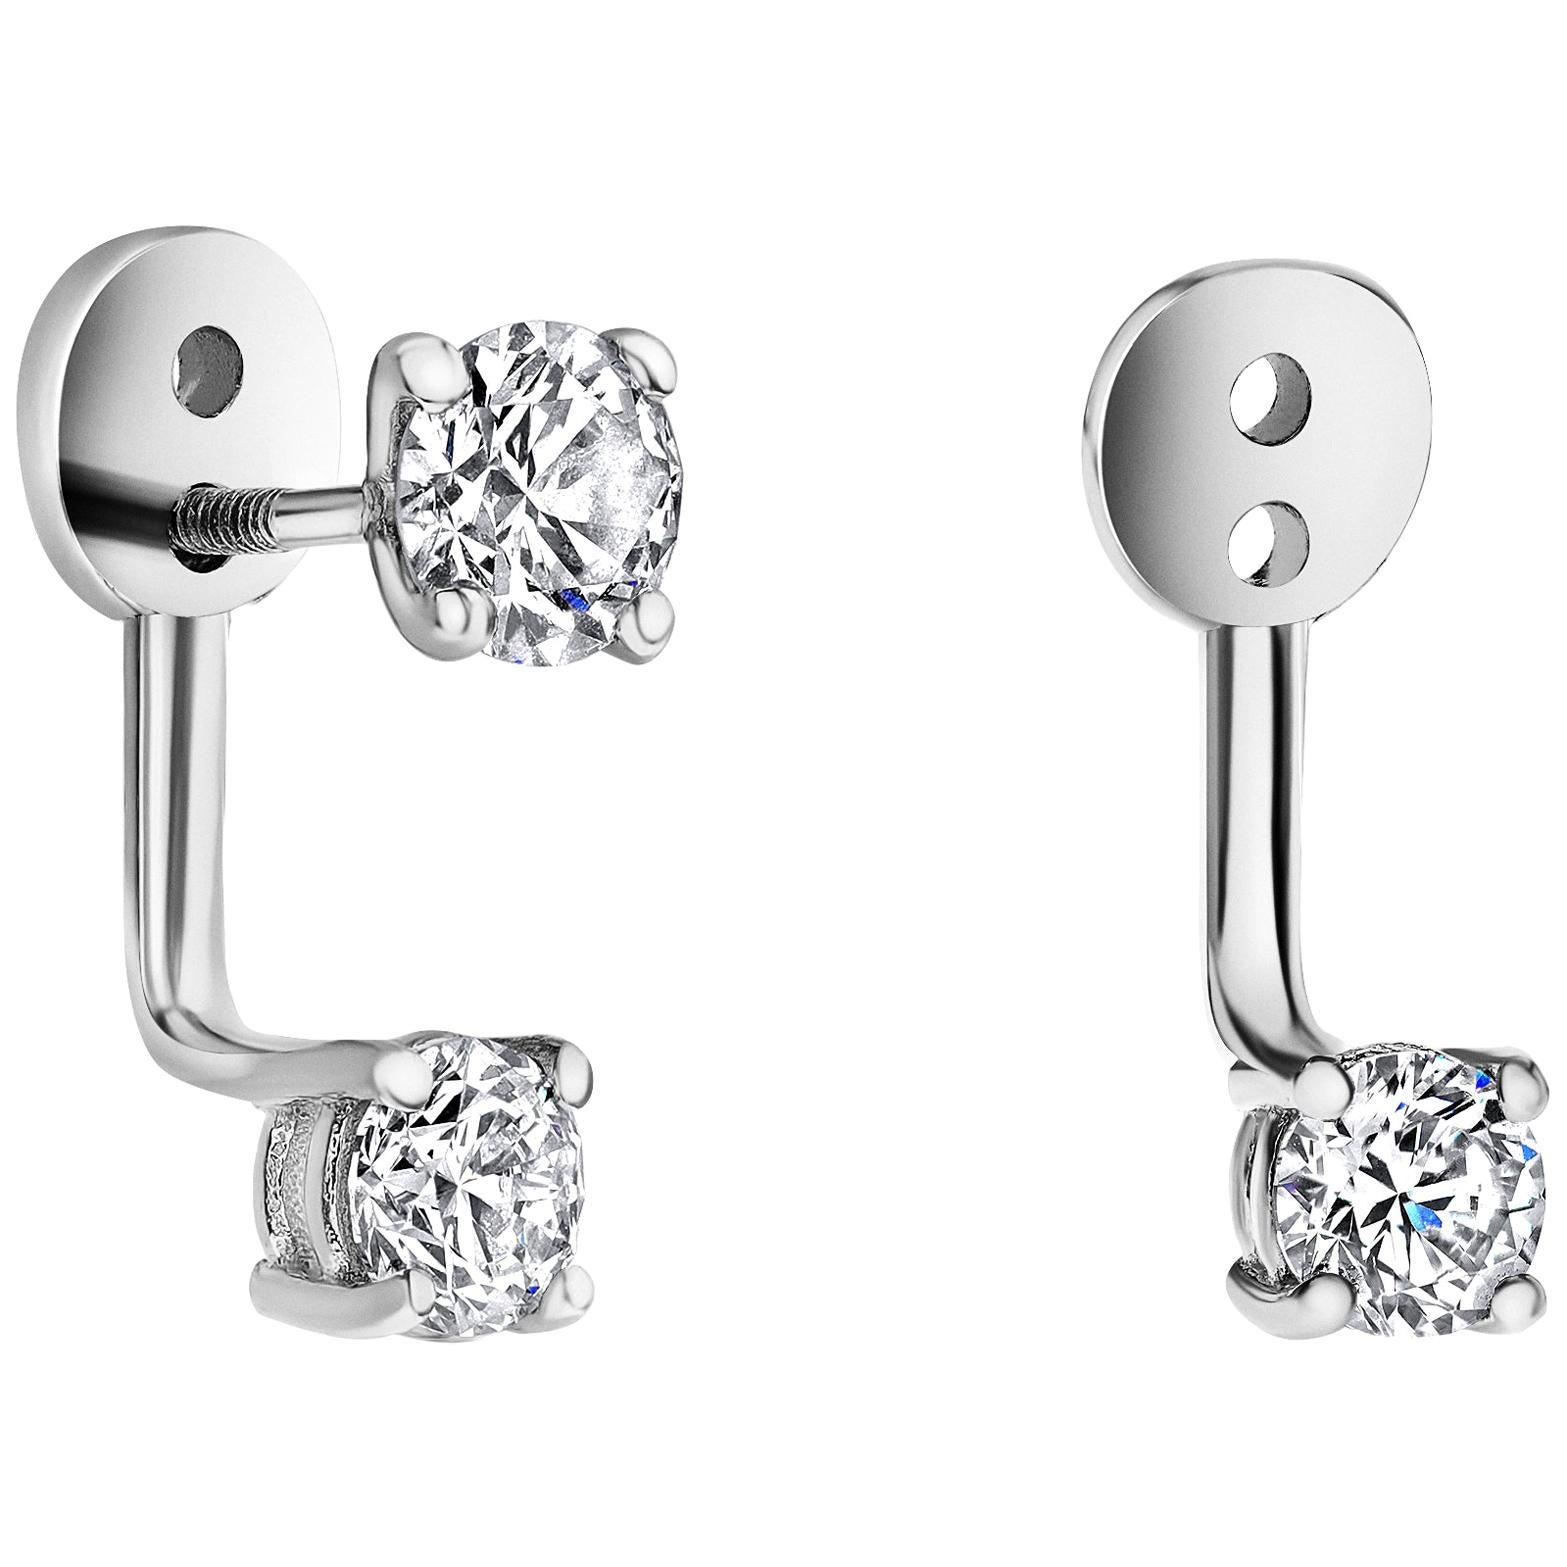 0.72 Carat  Diamond Earrings Ear Jackets in 14 Karat White Gold - Shlomit Rogel